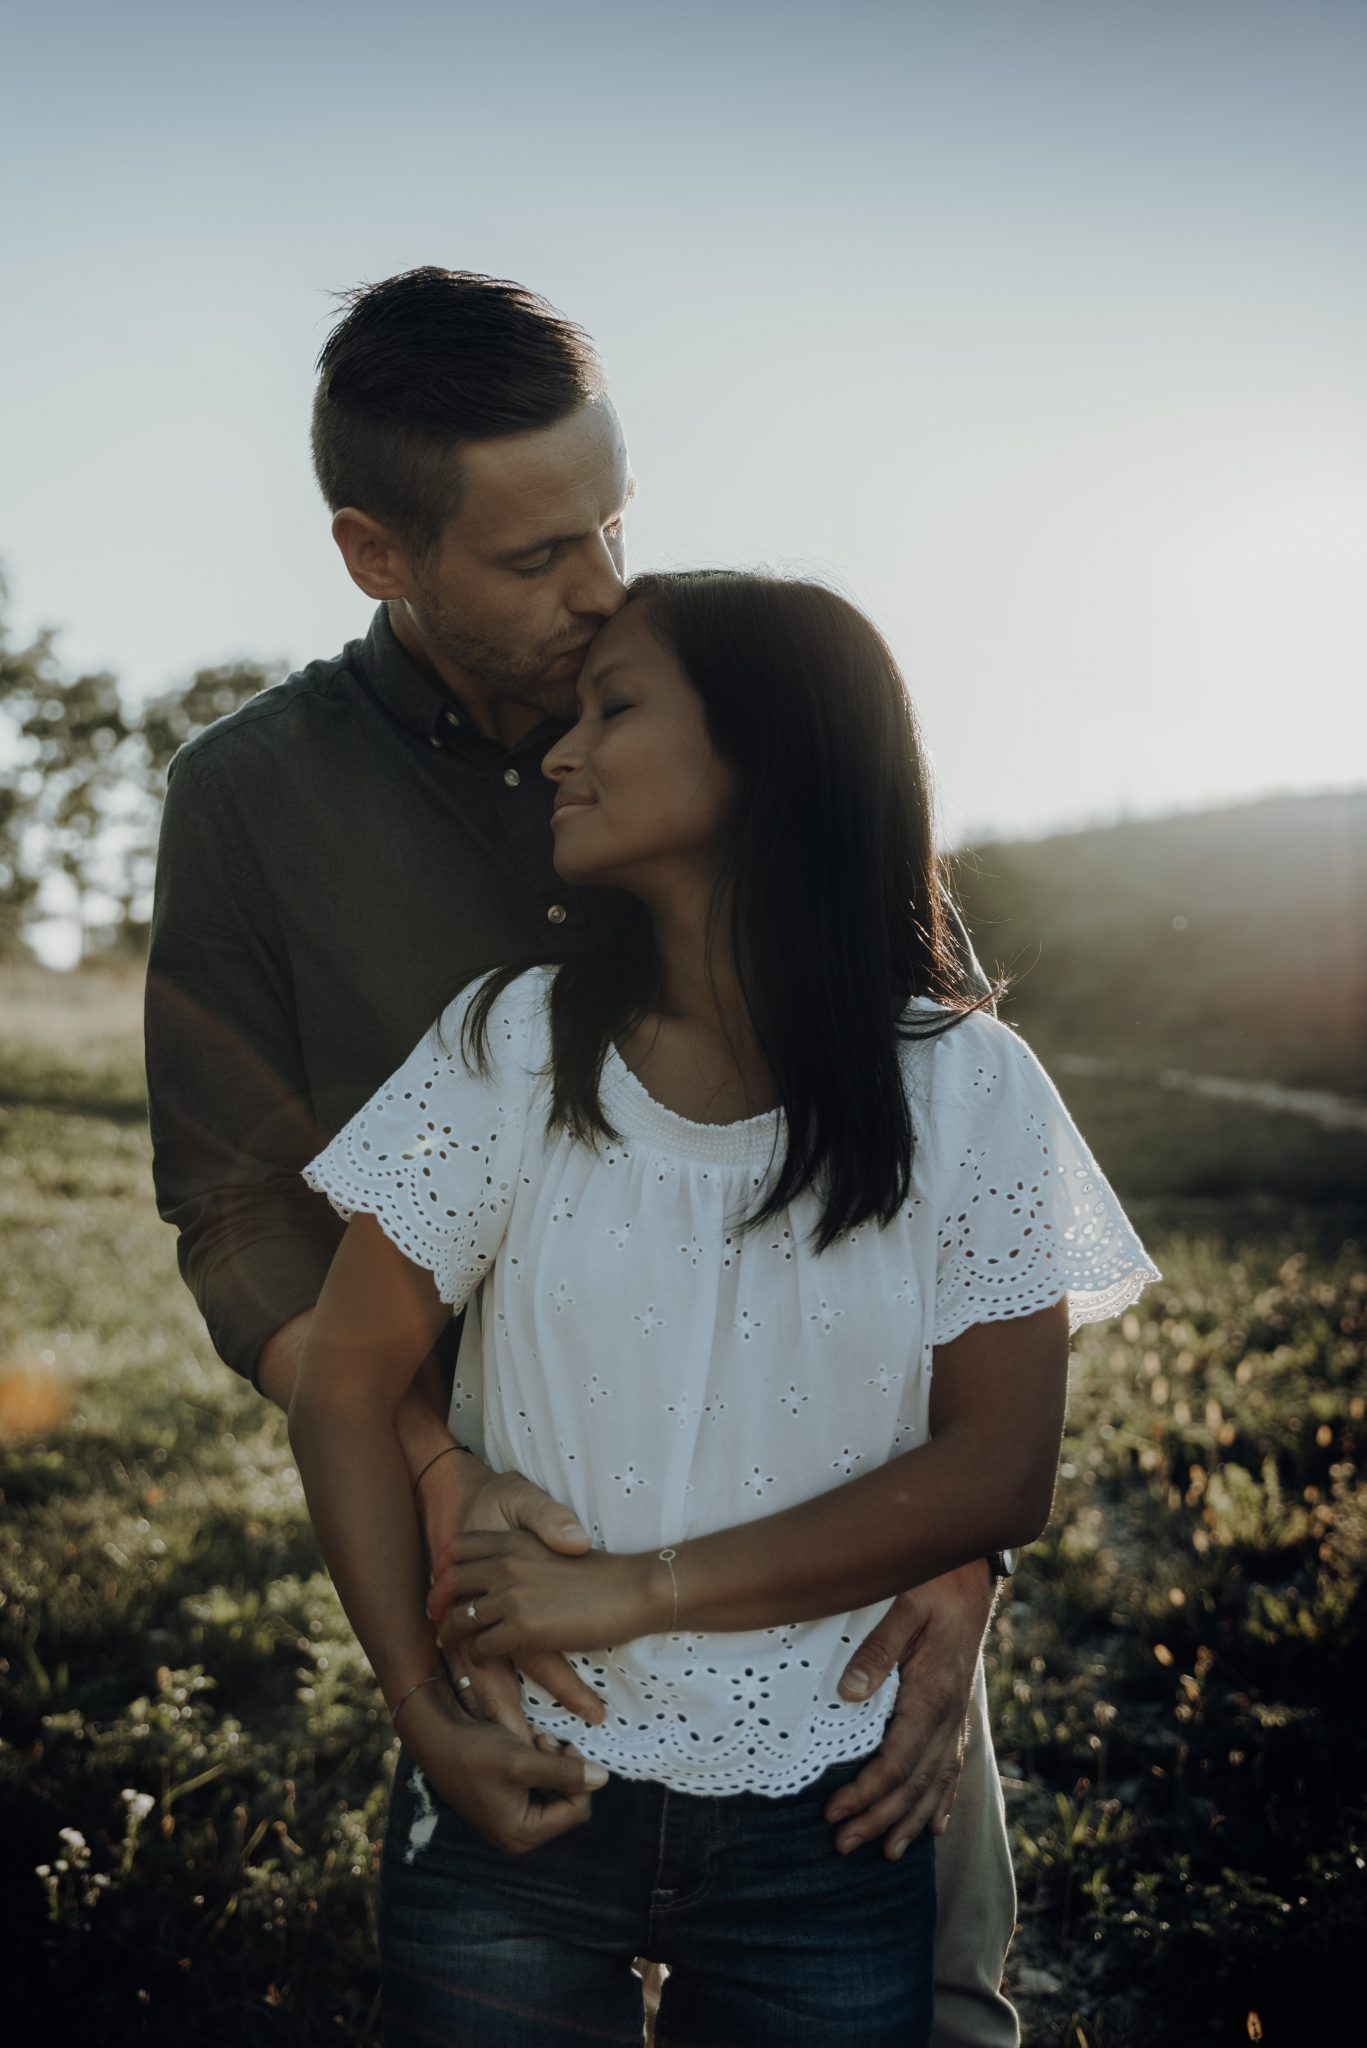 Mann steht hinter Frau und küsst sie auf Stirn